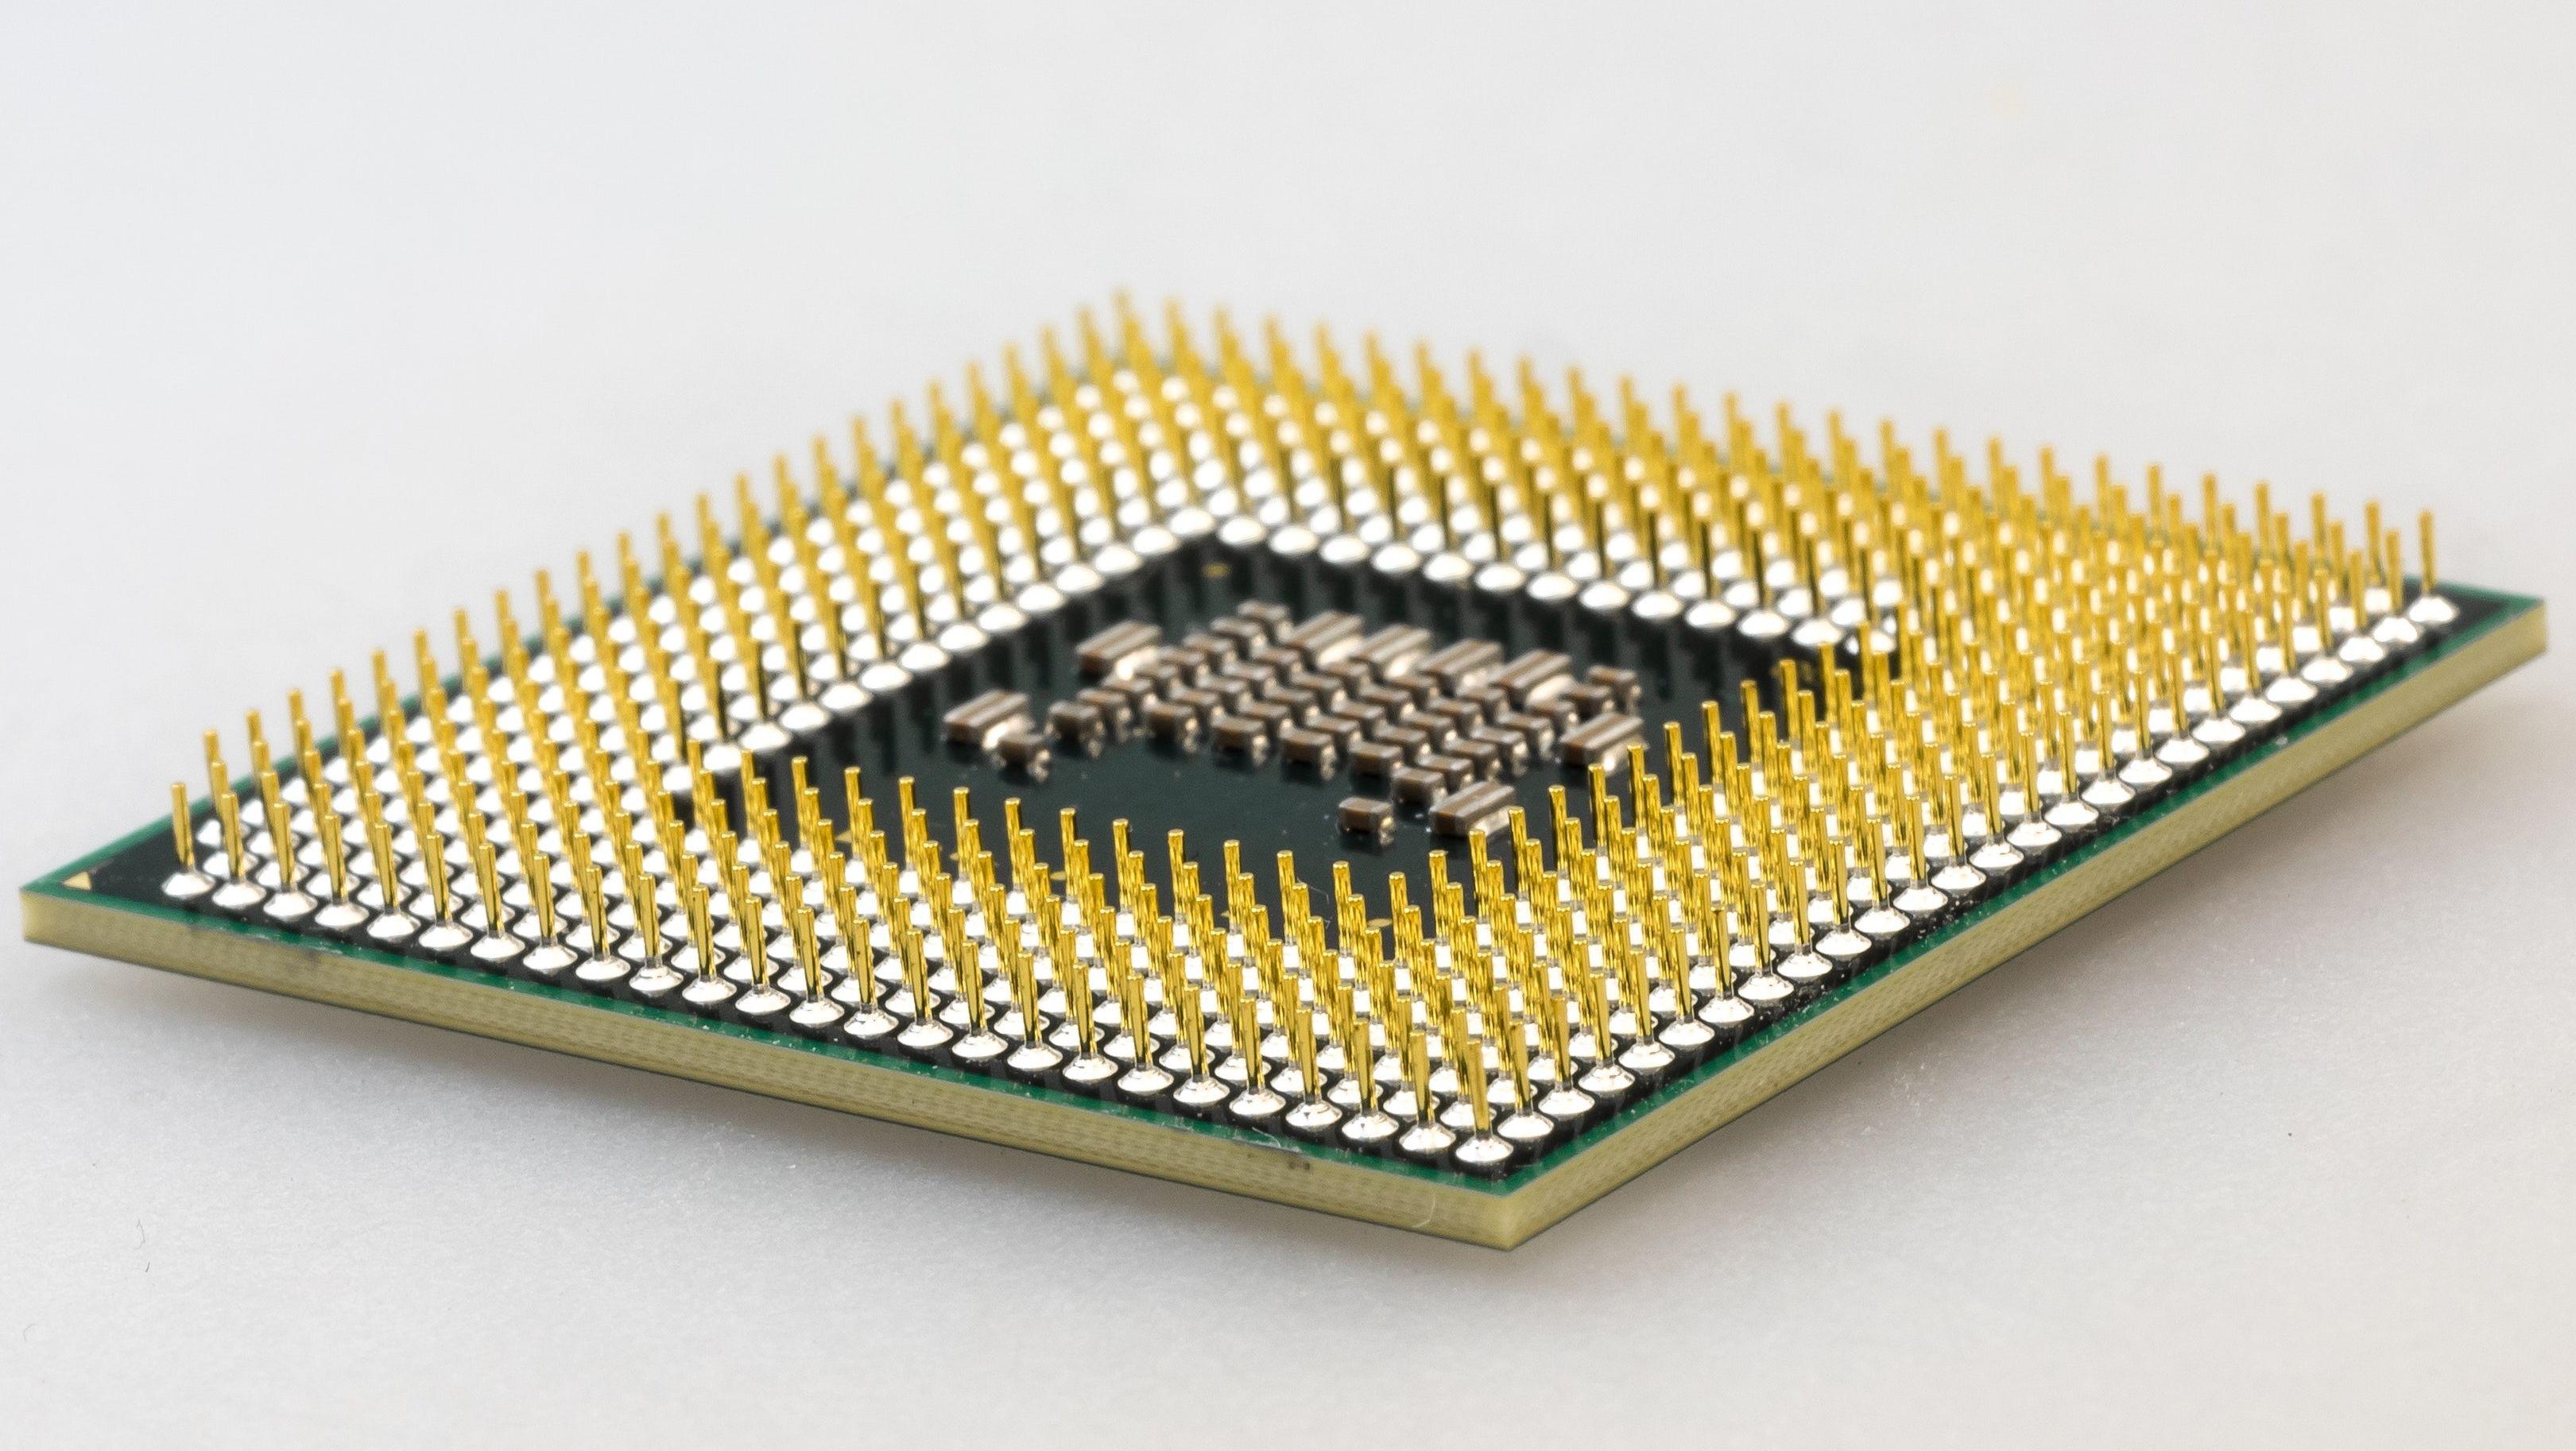 Nå kommer Facebook CPU-en